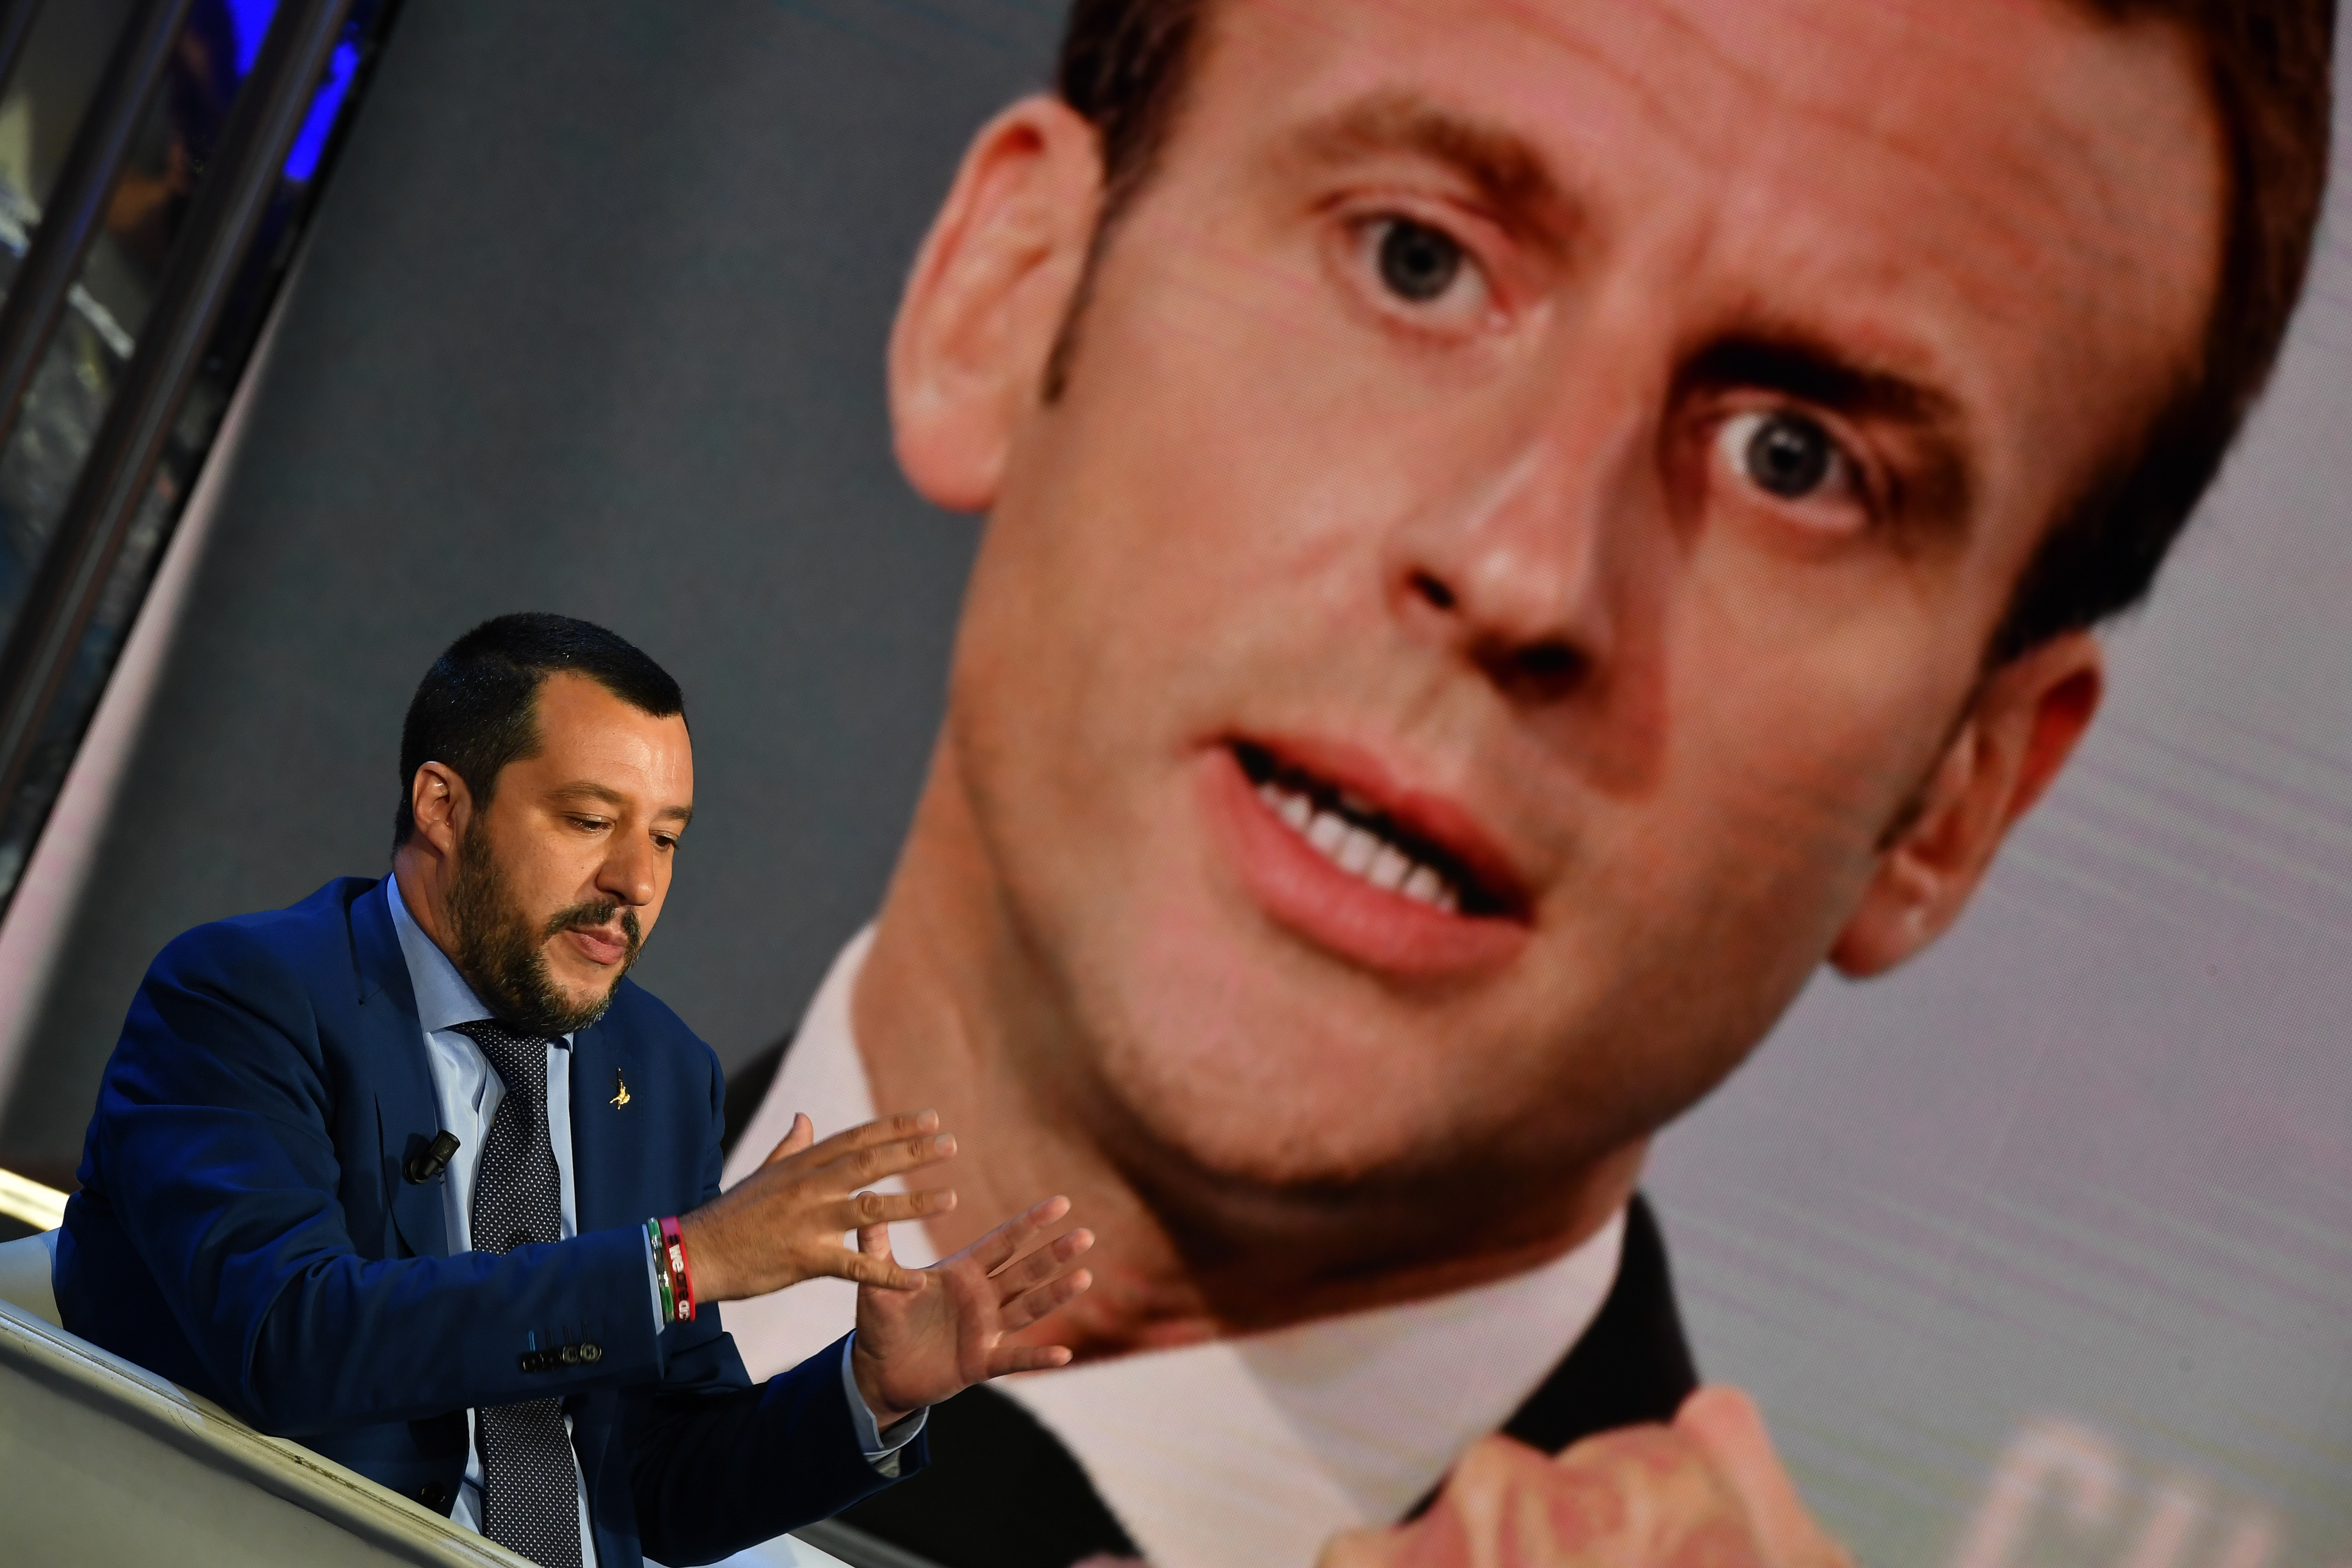 Franciaország annyira berágott az olasz kormányra, hogy hazahívja a római nagykövetét